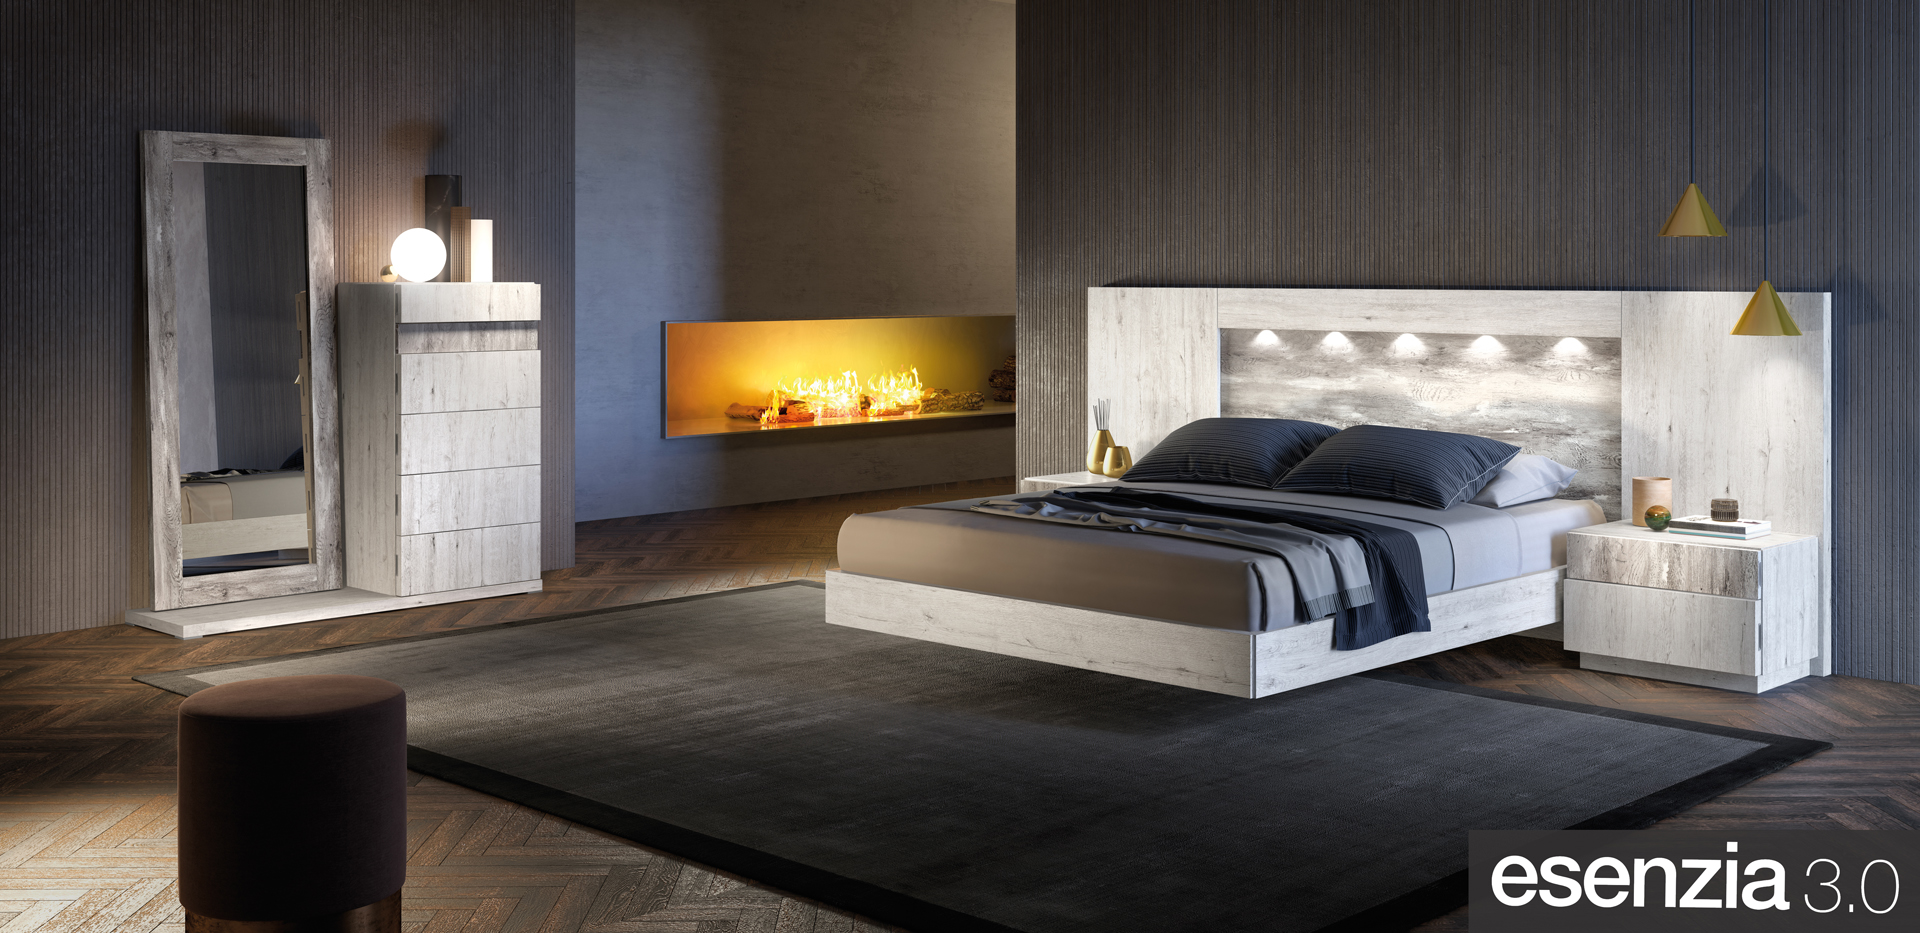 Dormitorios y Armarios - Esenzia 3.0